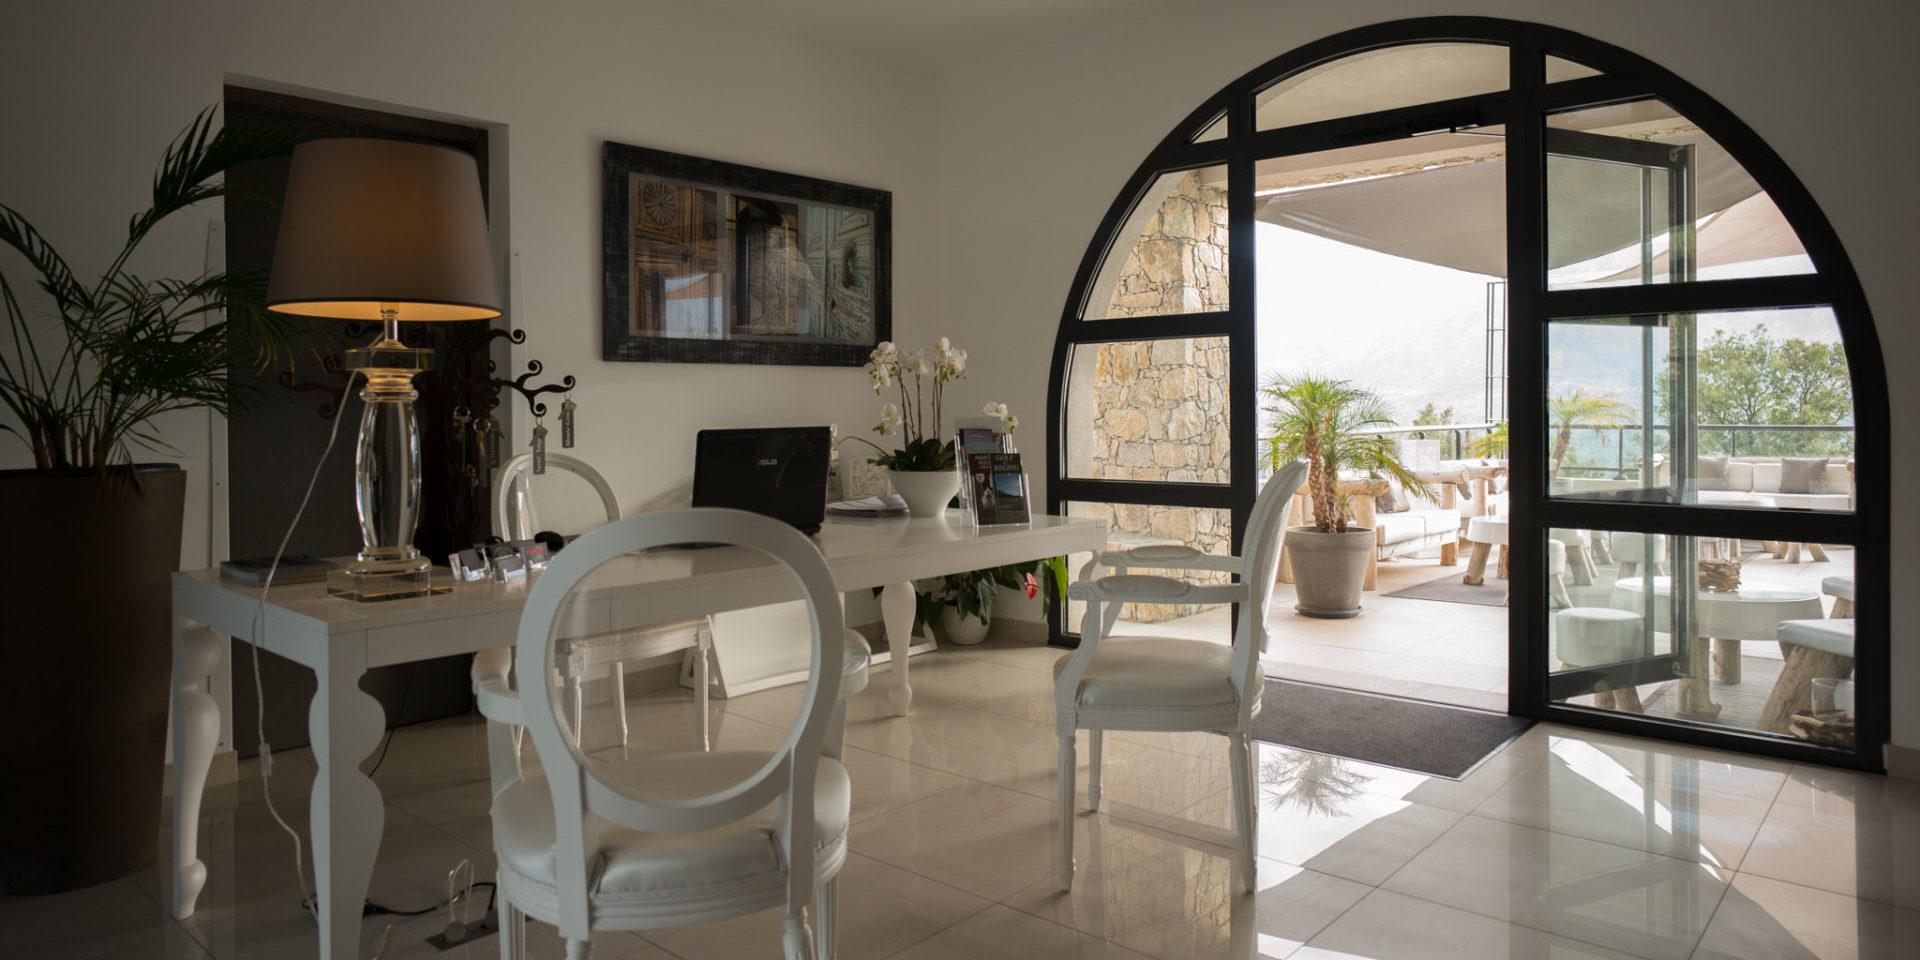 Hotel A Piattatella Monticello Balagne Corsica Frankrijk receptie openslaande-deuren terras